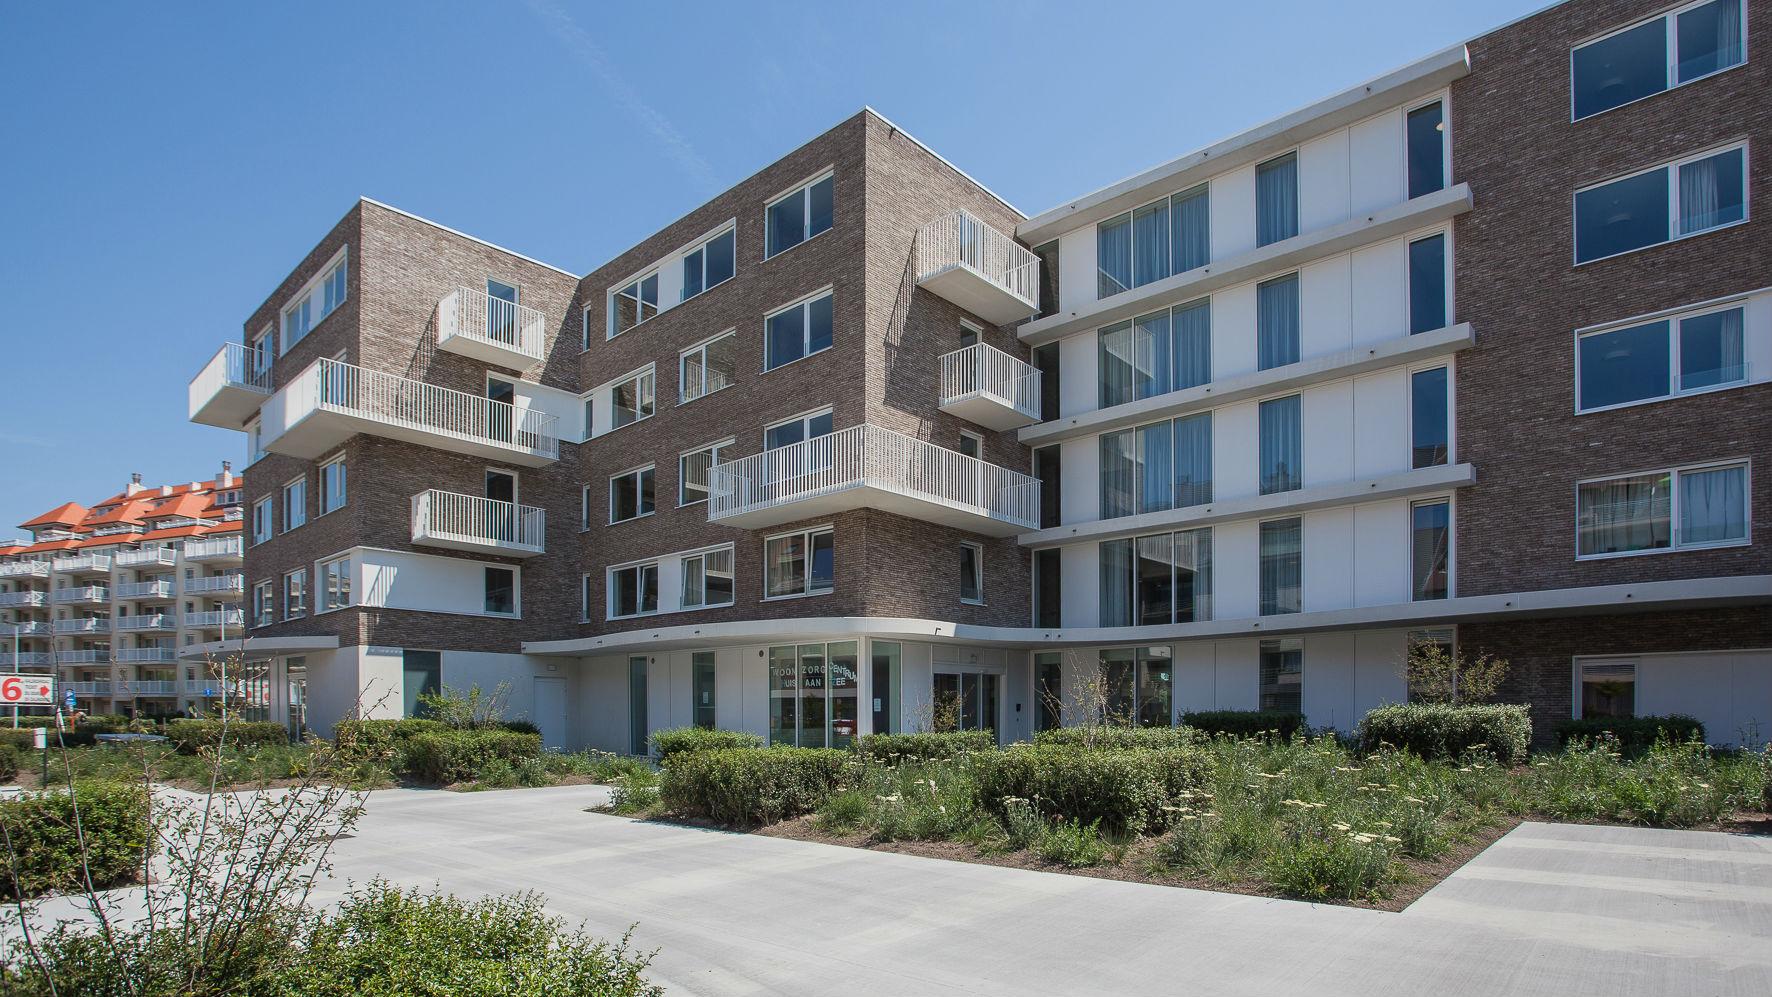 WZC Huis aan Zee: gezellig functioneel, teamspirit en integratie met omge